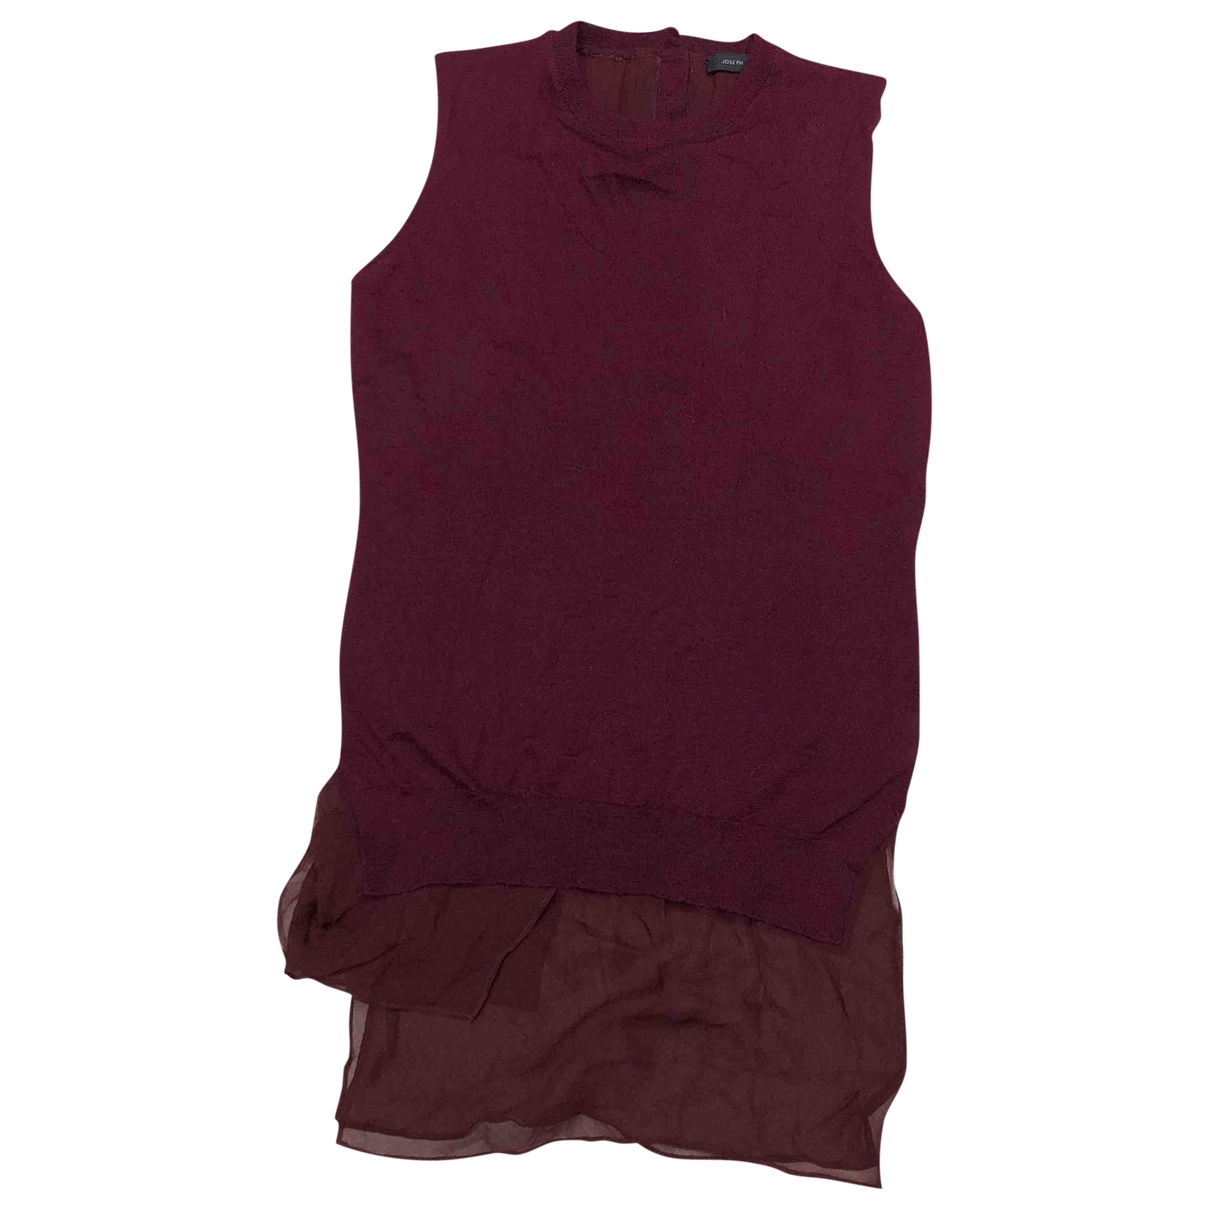 Joseph \N Burgundy Wool Knitwear for Women S International